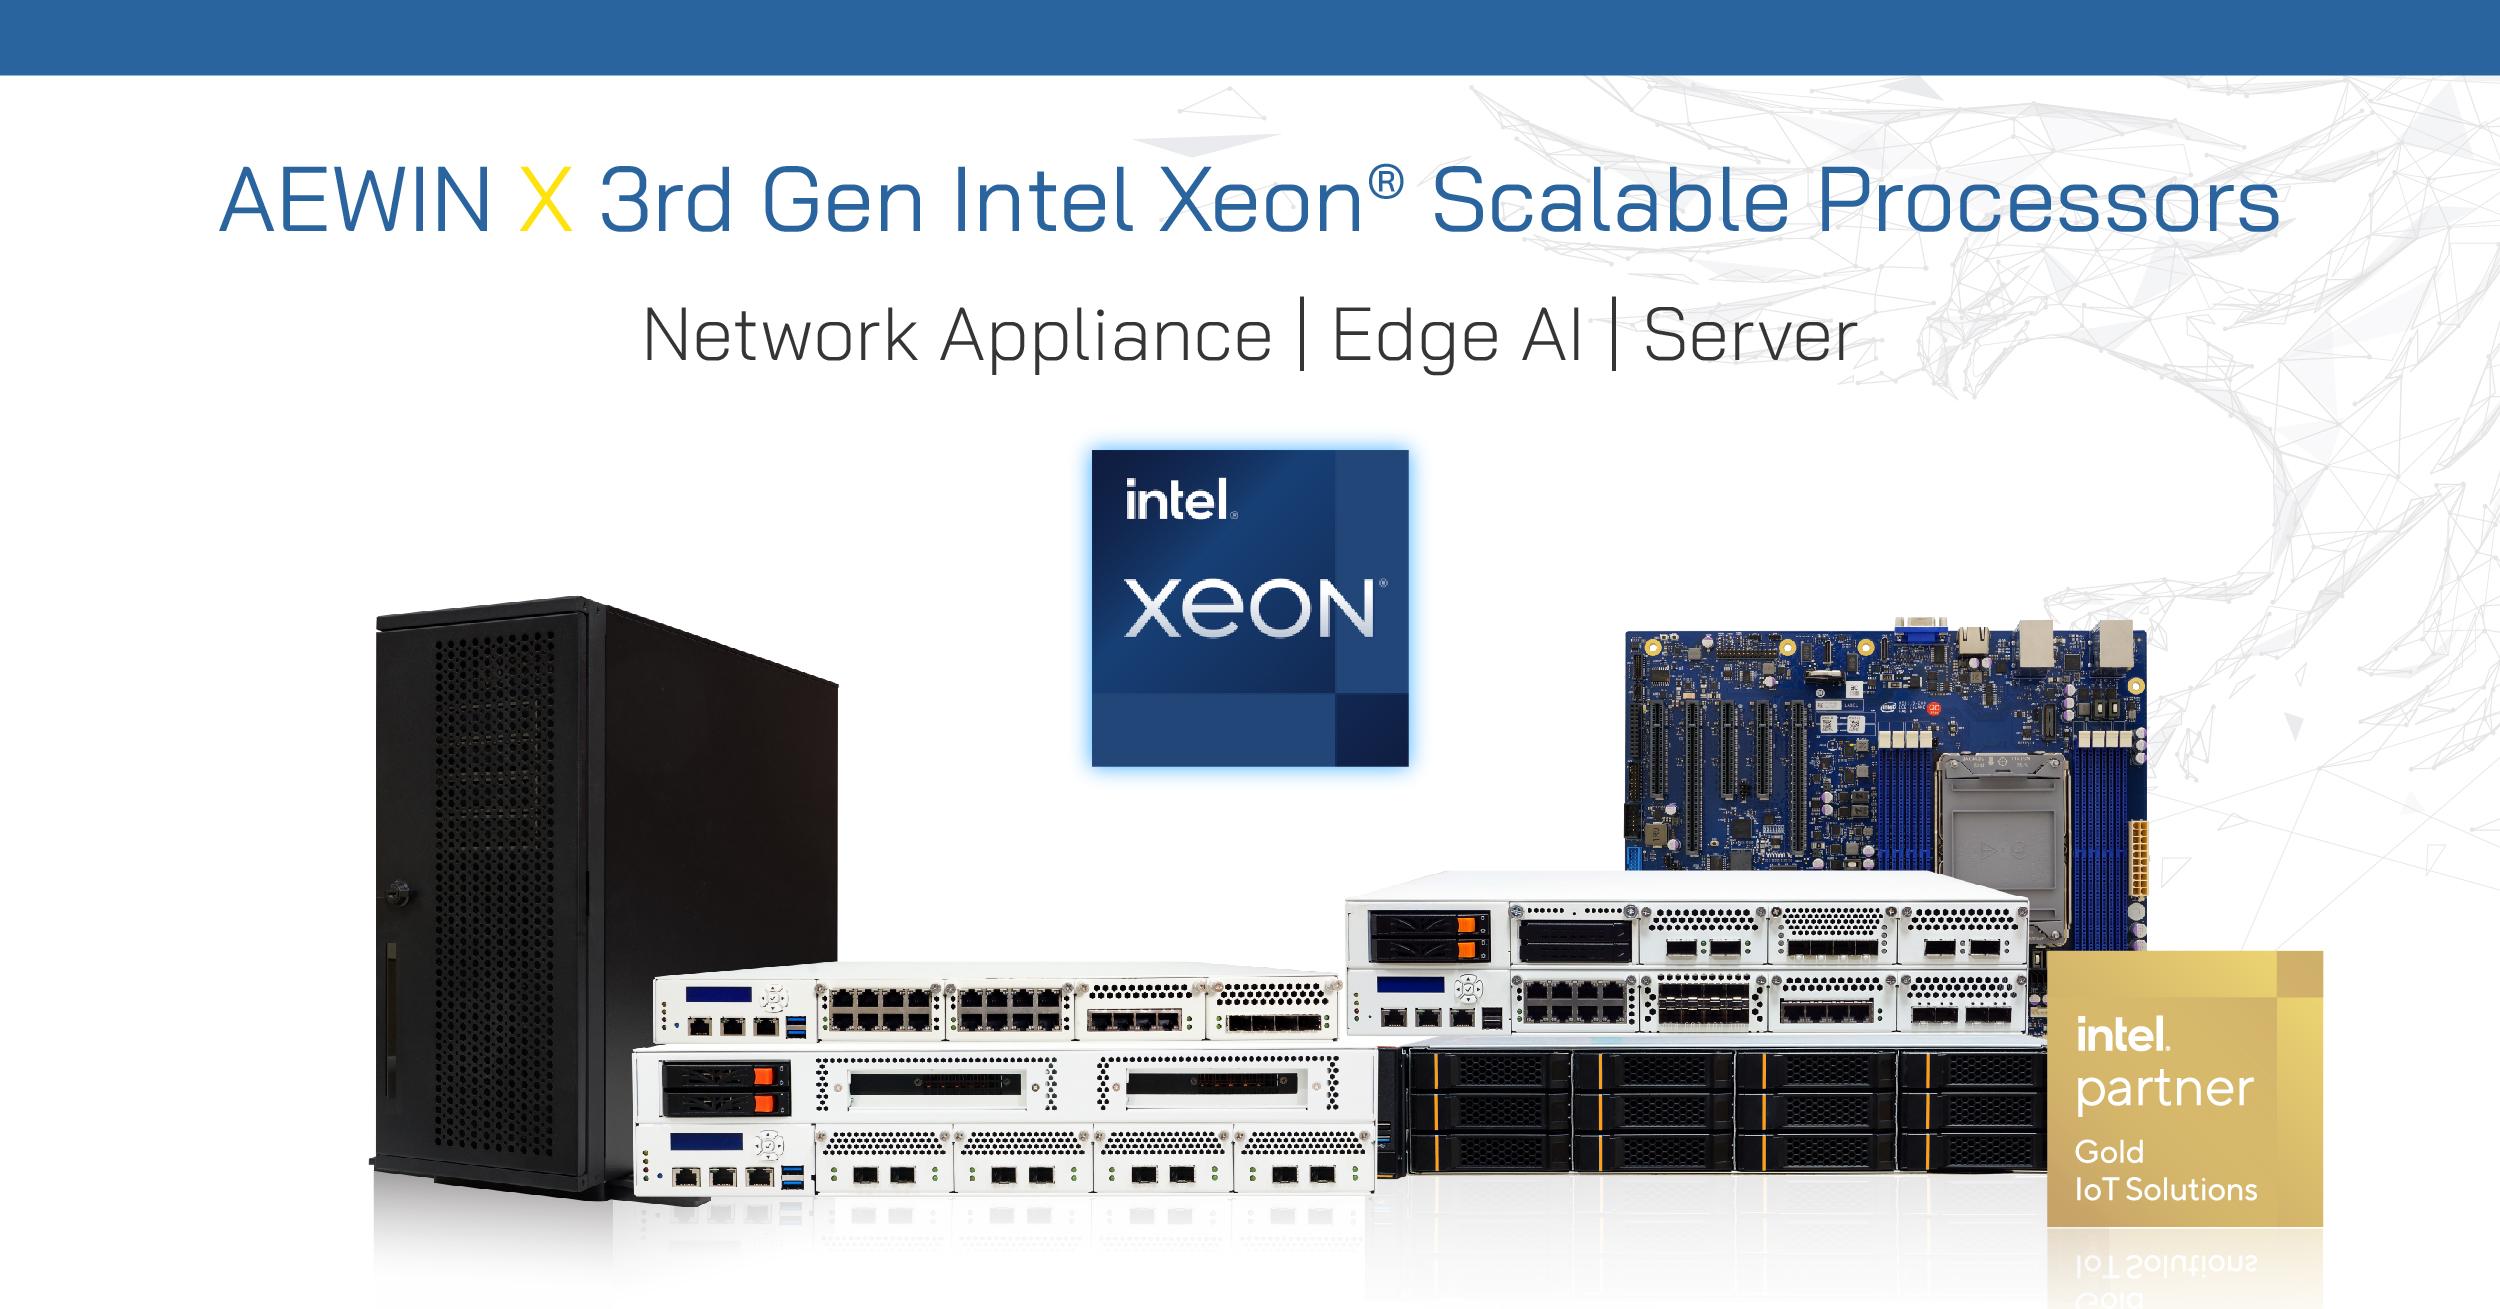 intel Xeon network appliance